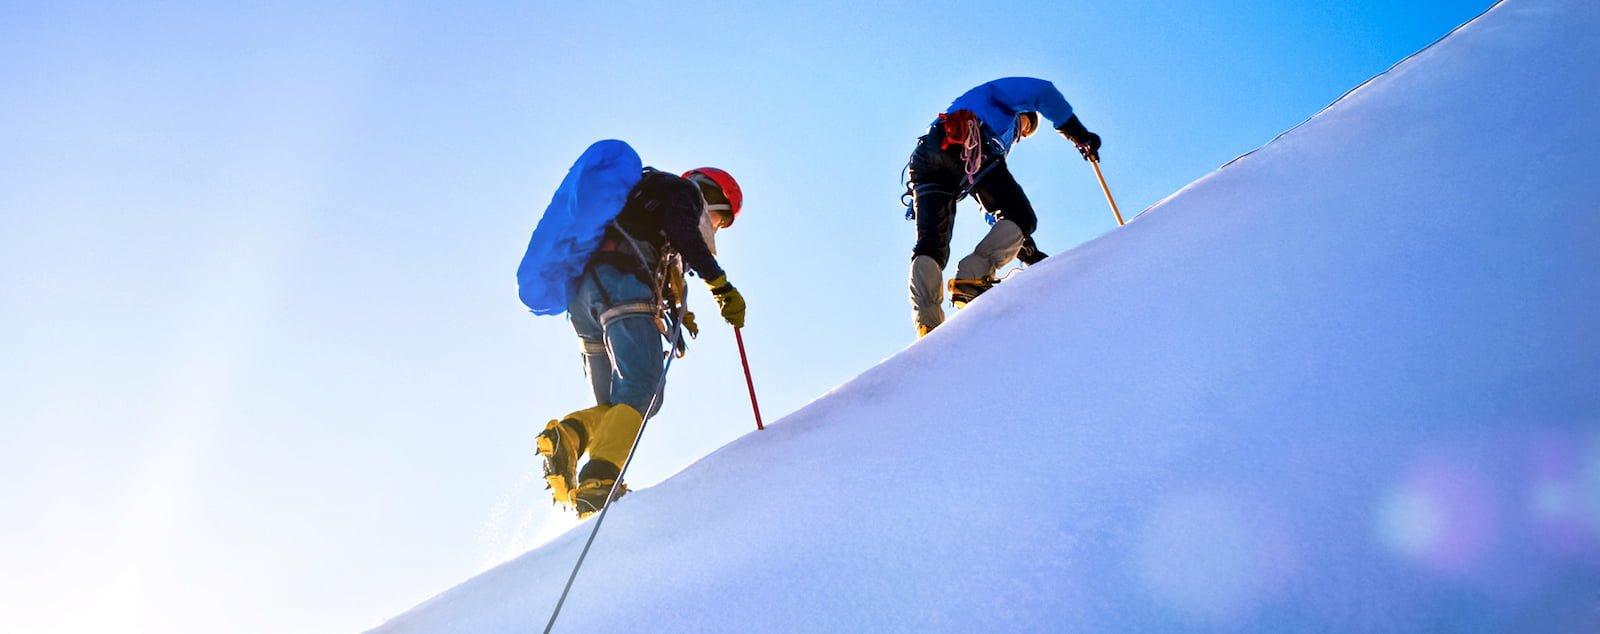 Mountain Climbers, Teamwork